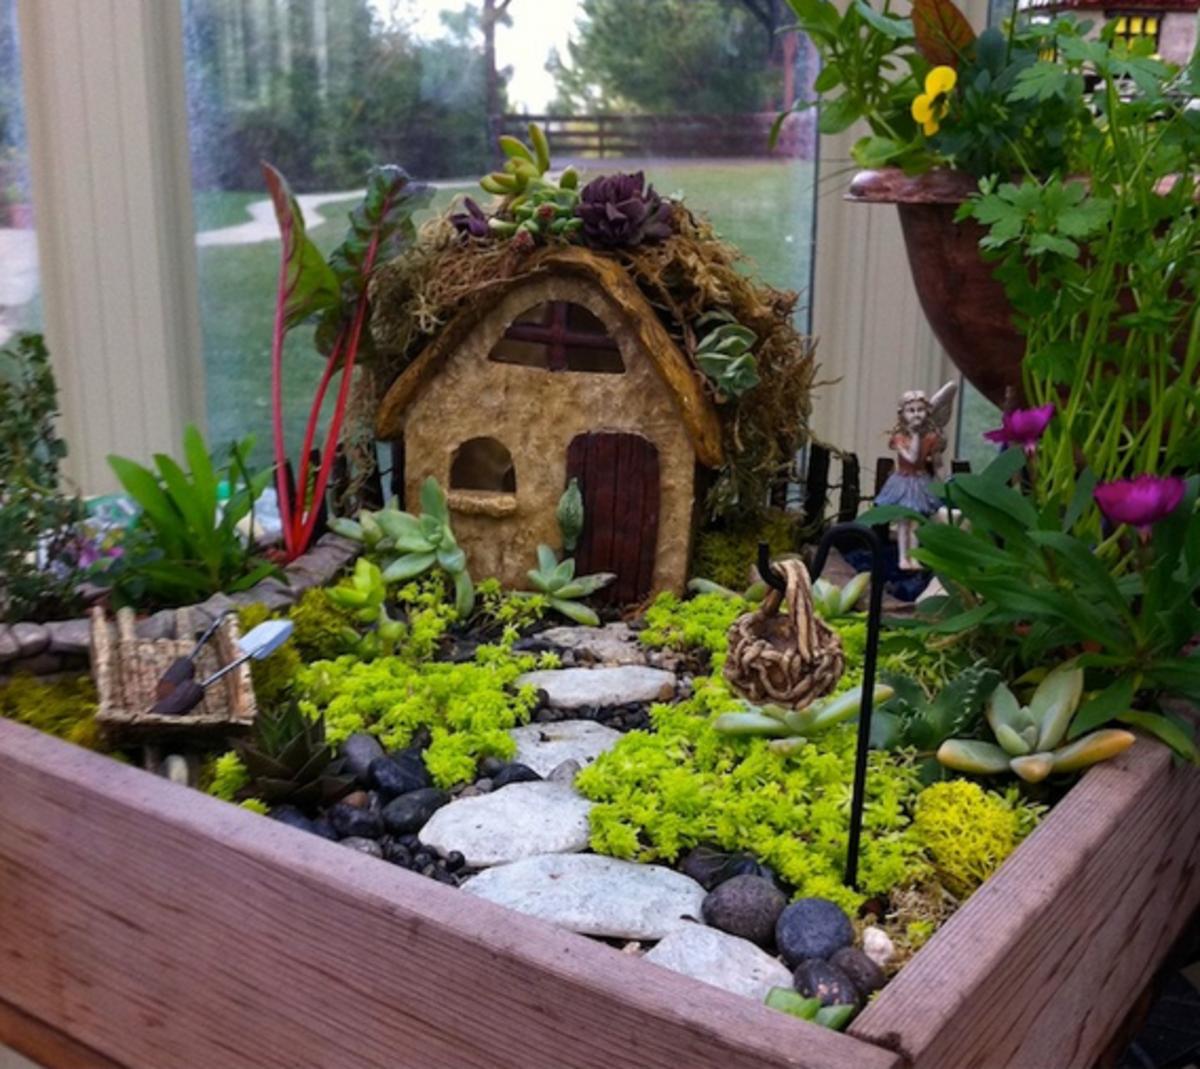 Miniature Garden for Kids